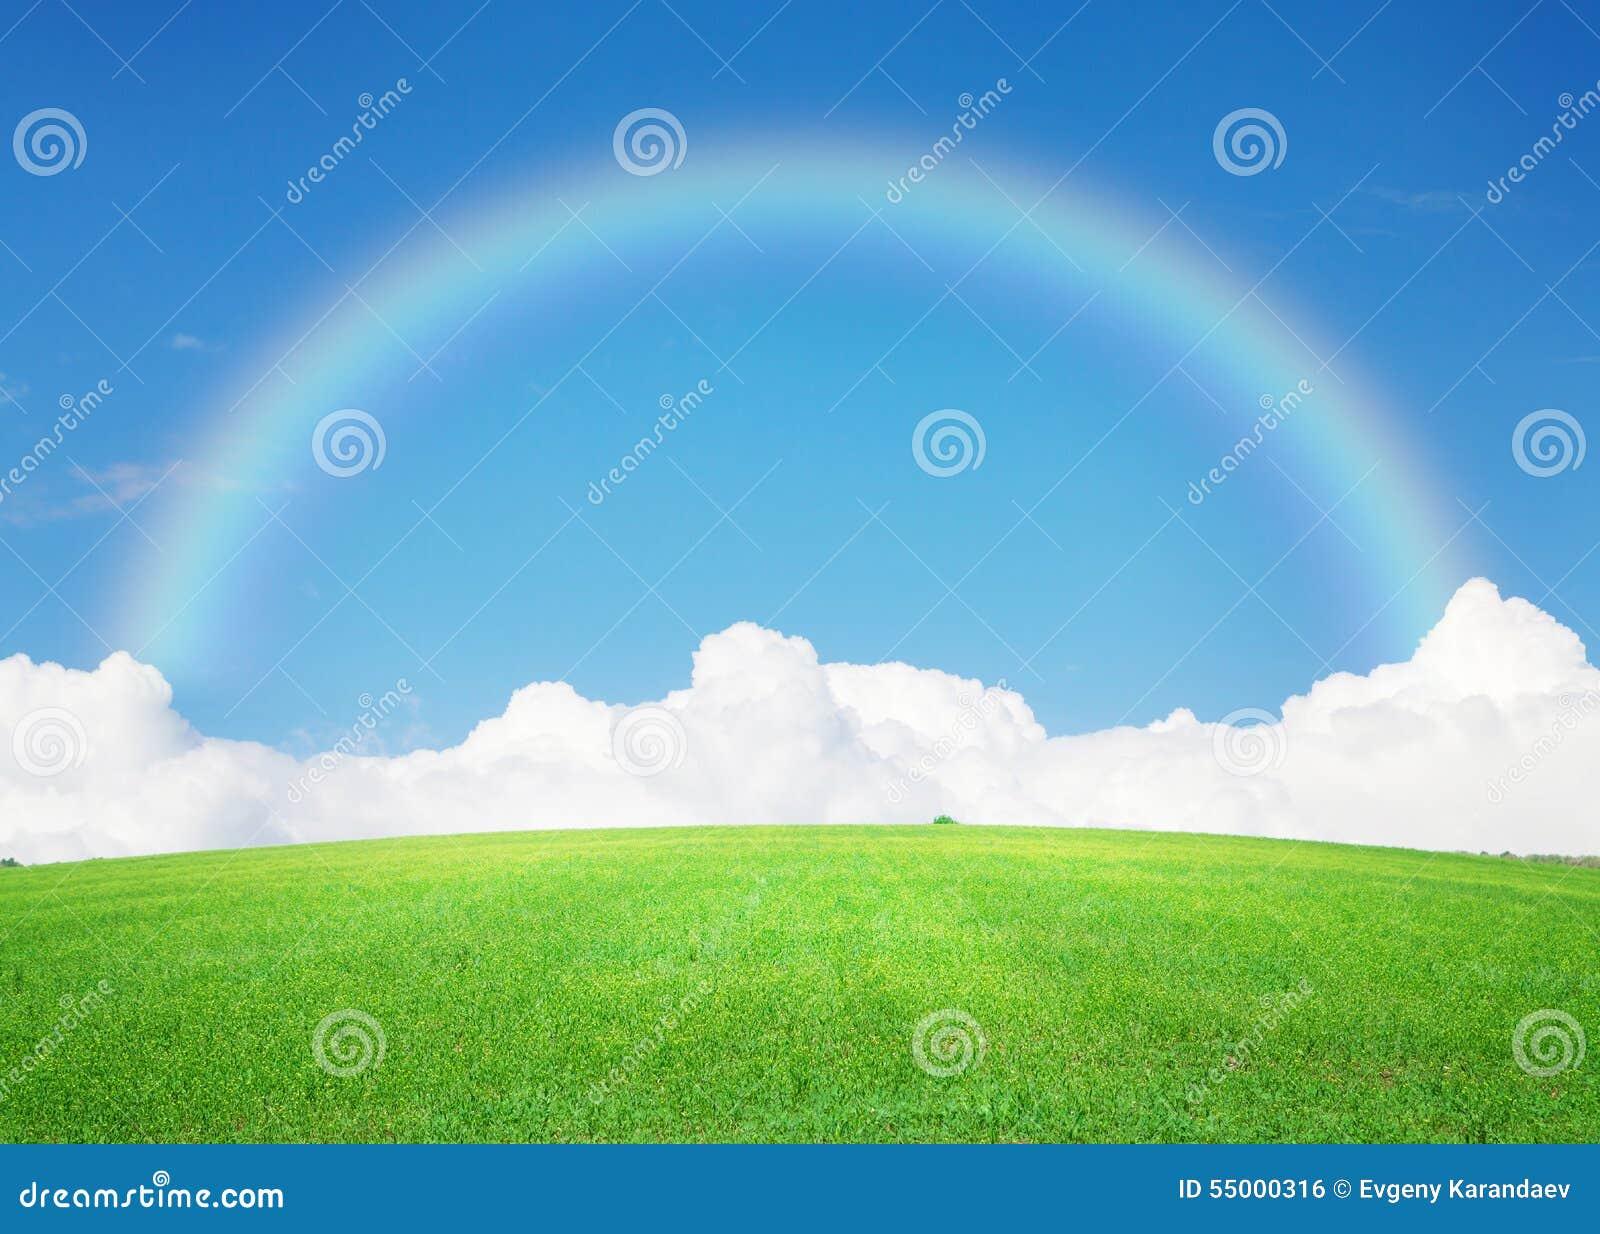 Поле зеленой травы, голубое небо с облаками на горизонте и ...